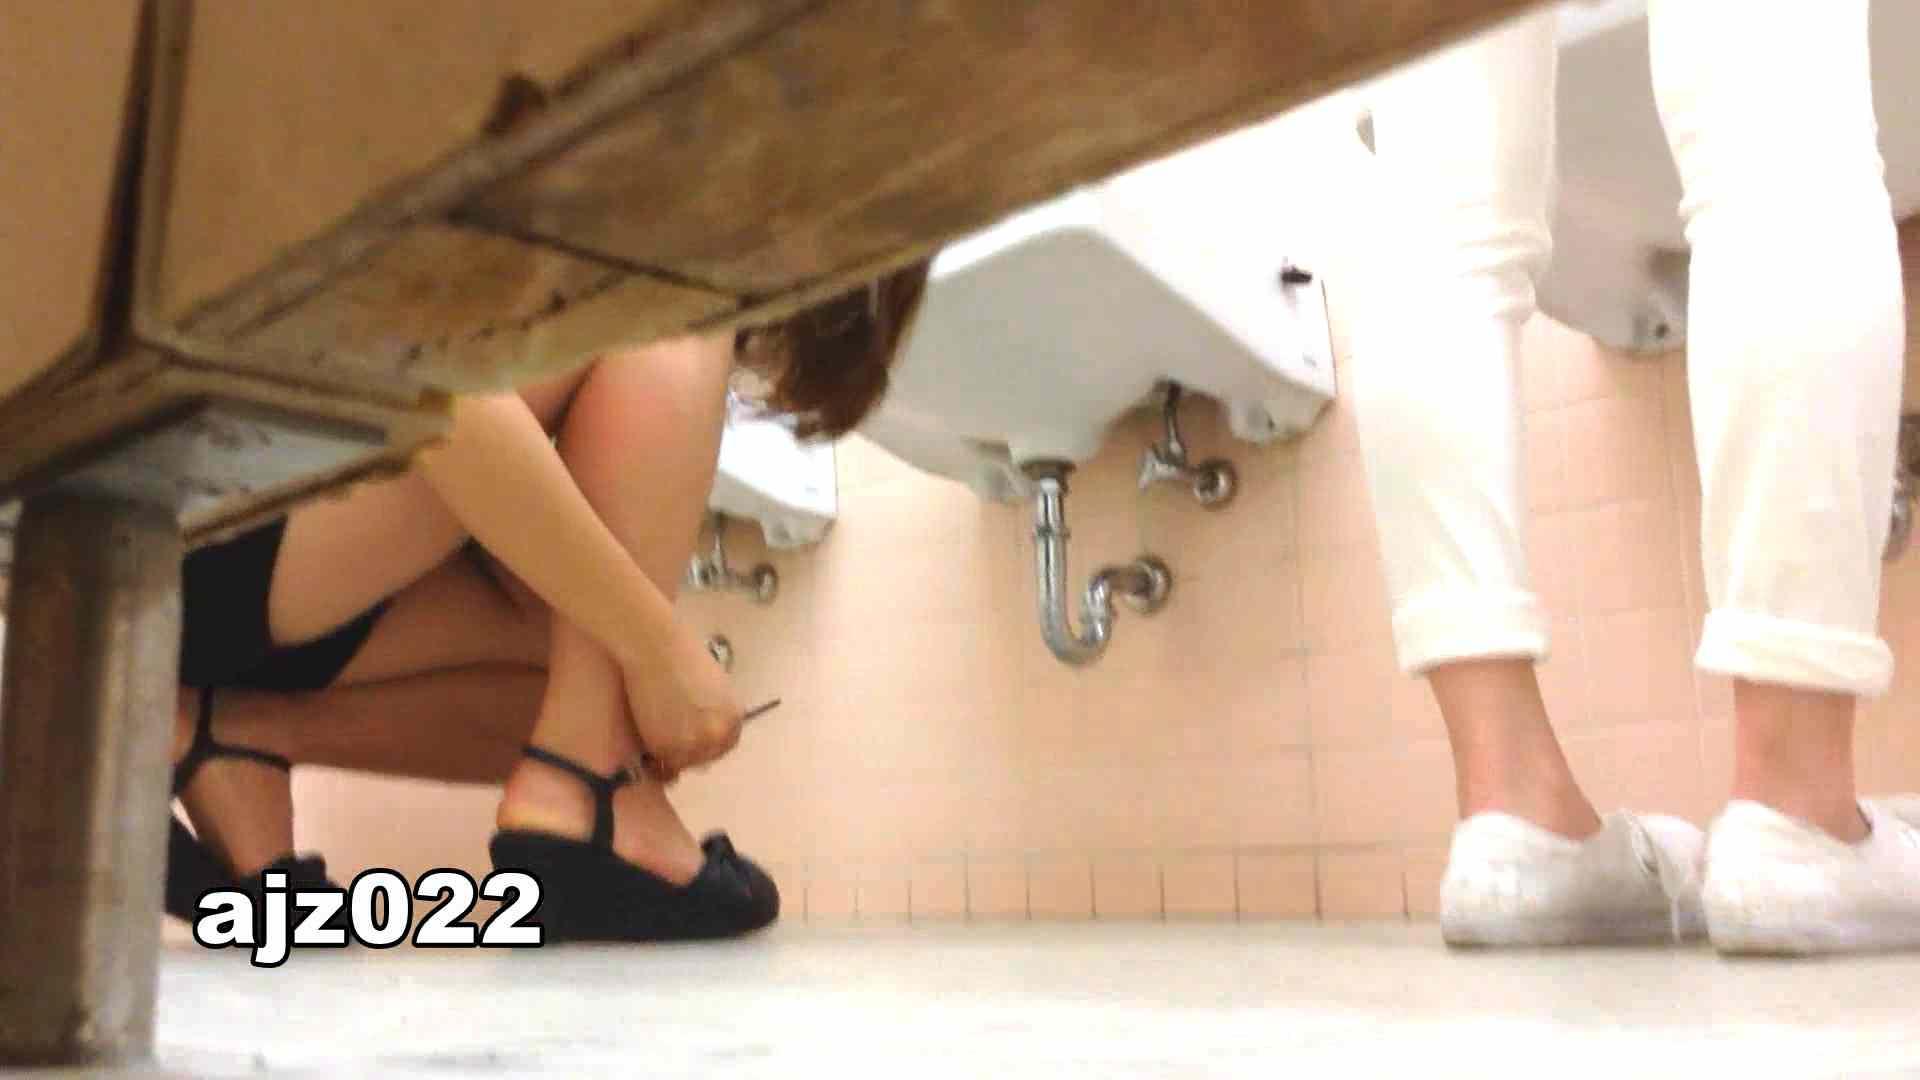 某有名大学女性洗面所 vol.22 潜入突撃   美しいOLの裸体  107pic 49